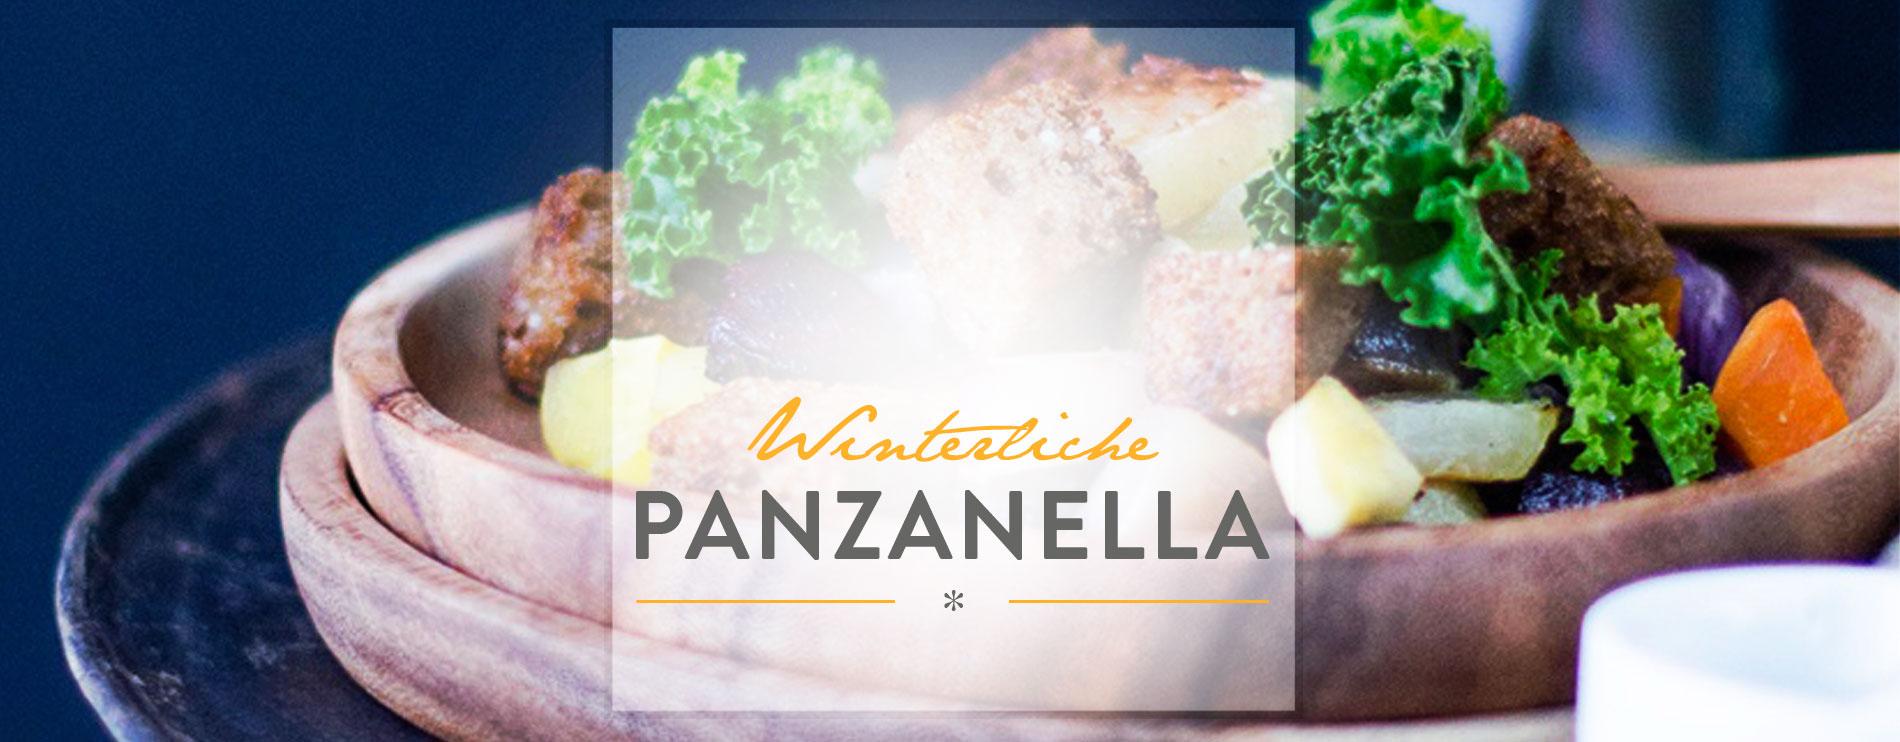 Header Winterliche Panzanella